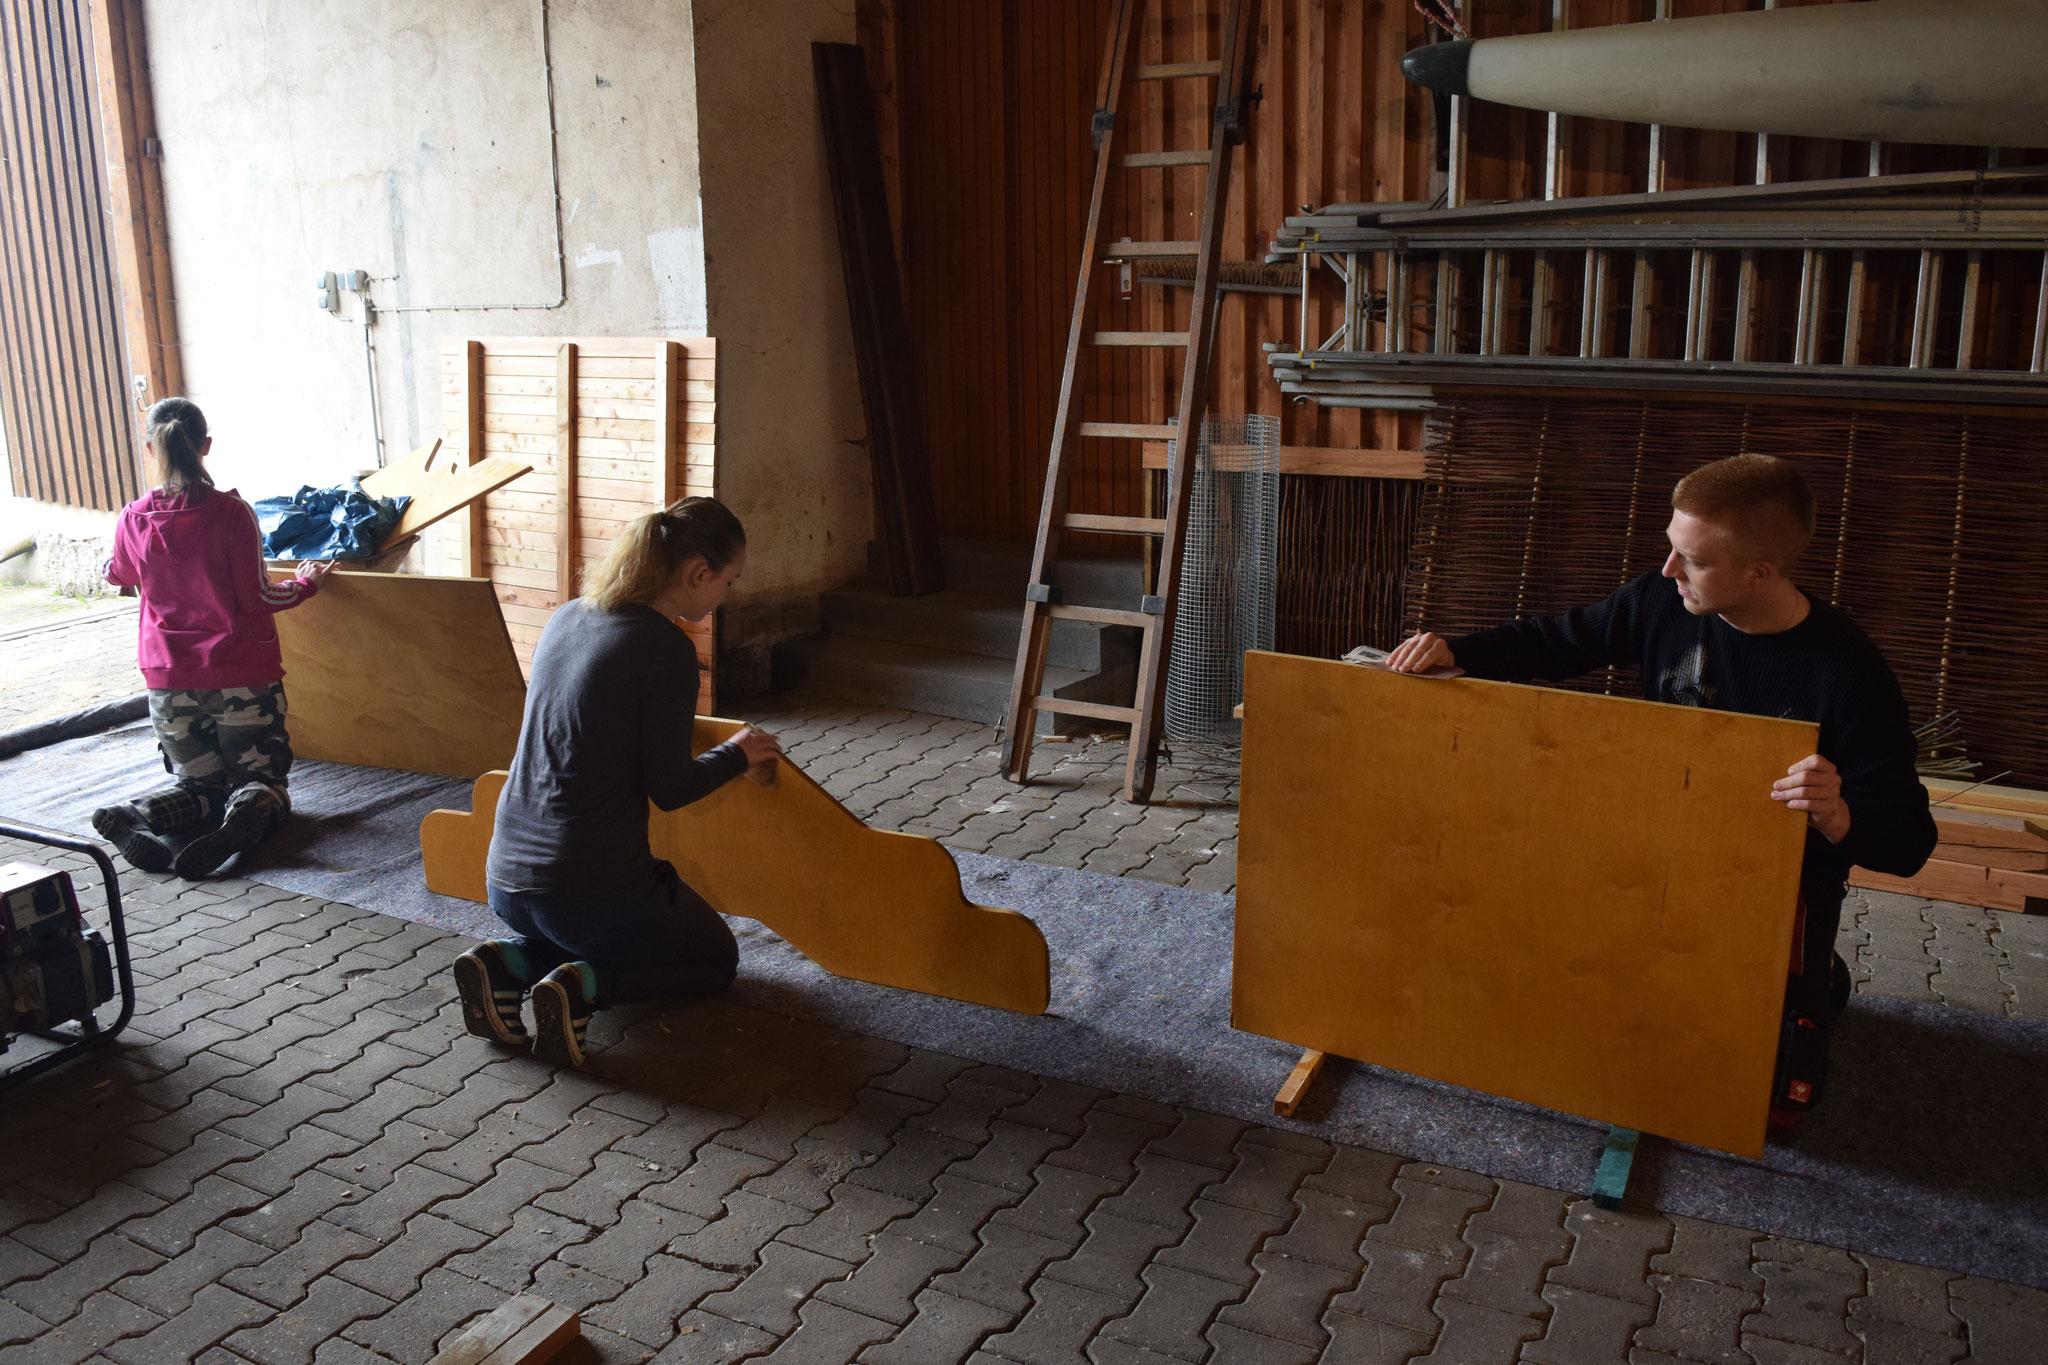 Schleifen der bereits einmal lasierten Schilder und Flügel im Bauhof, bevor eine zweite Schicht Lasur aufgetragen wird - sie sollen ja lange halten :)